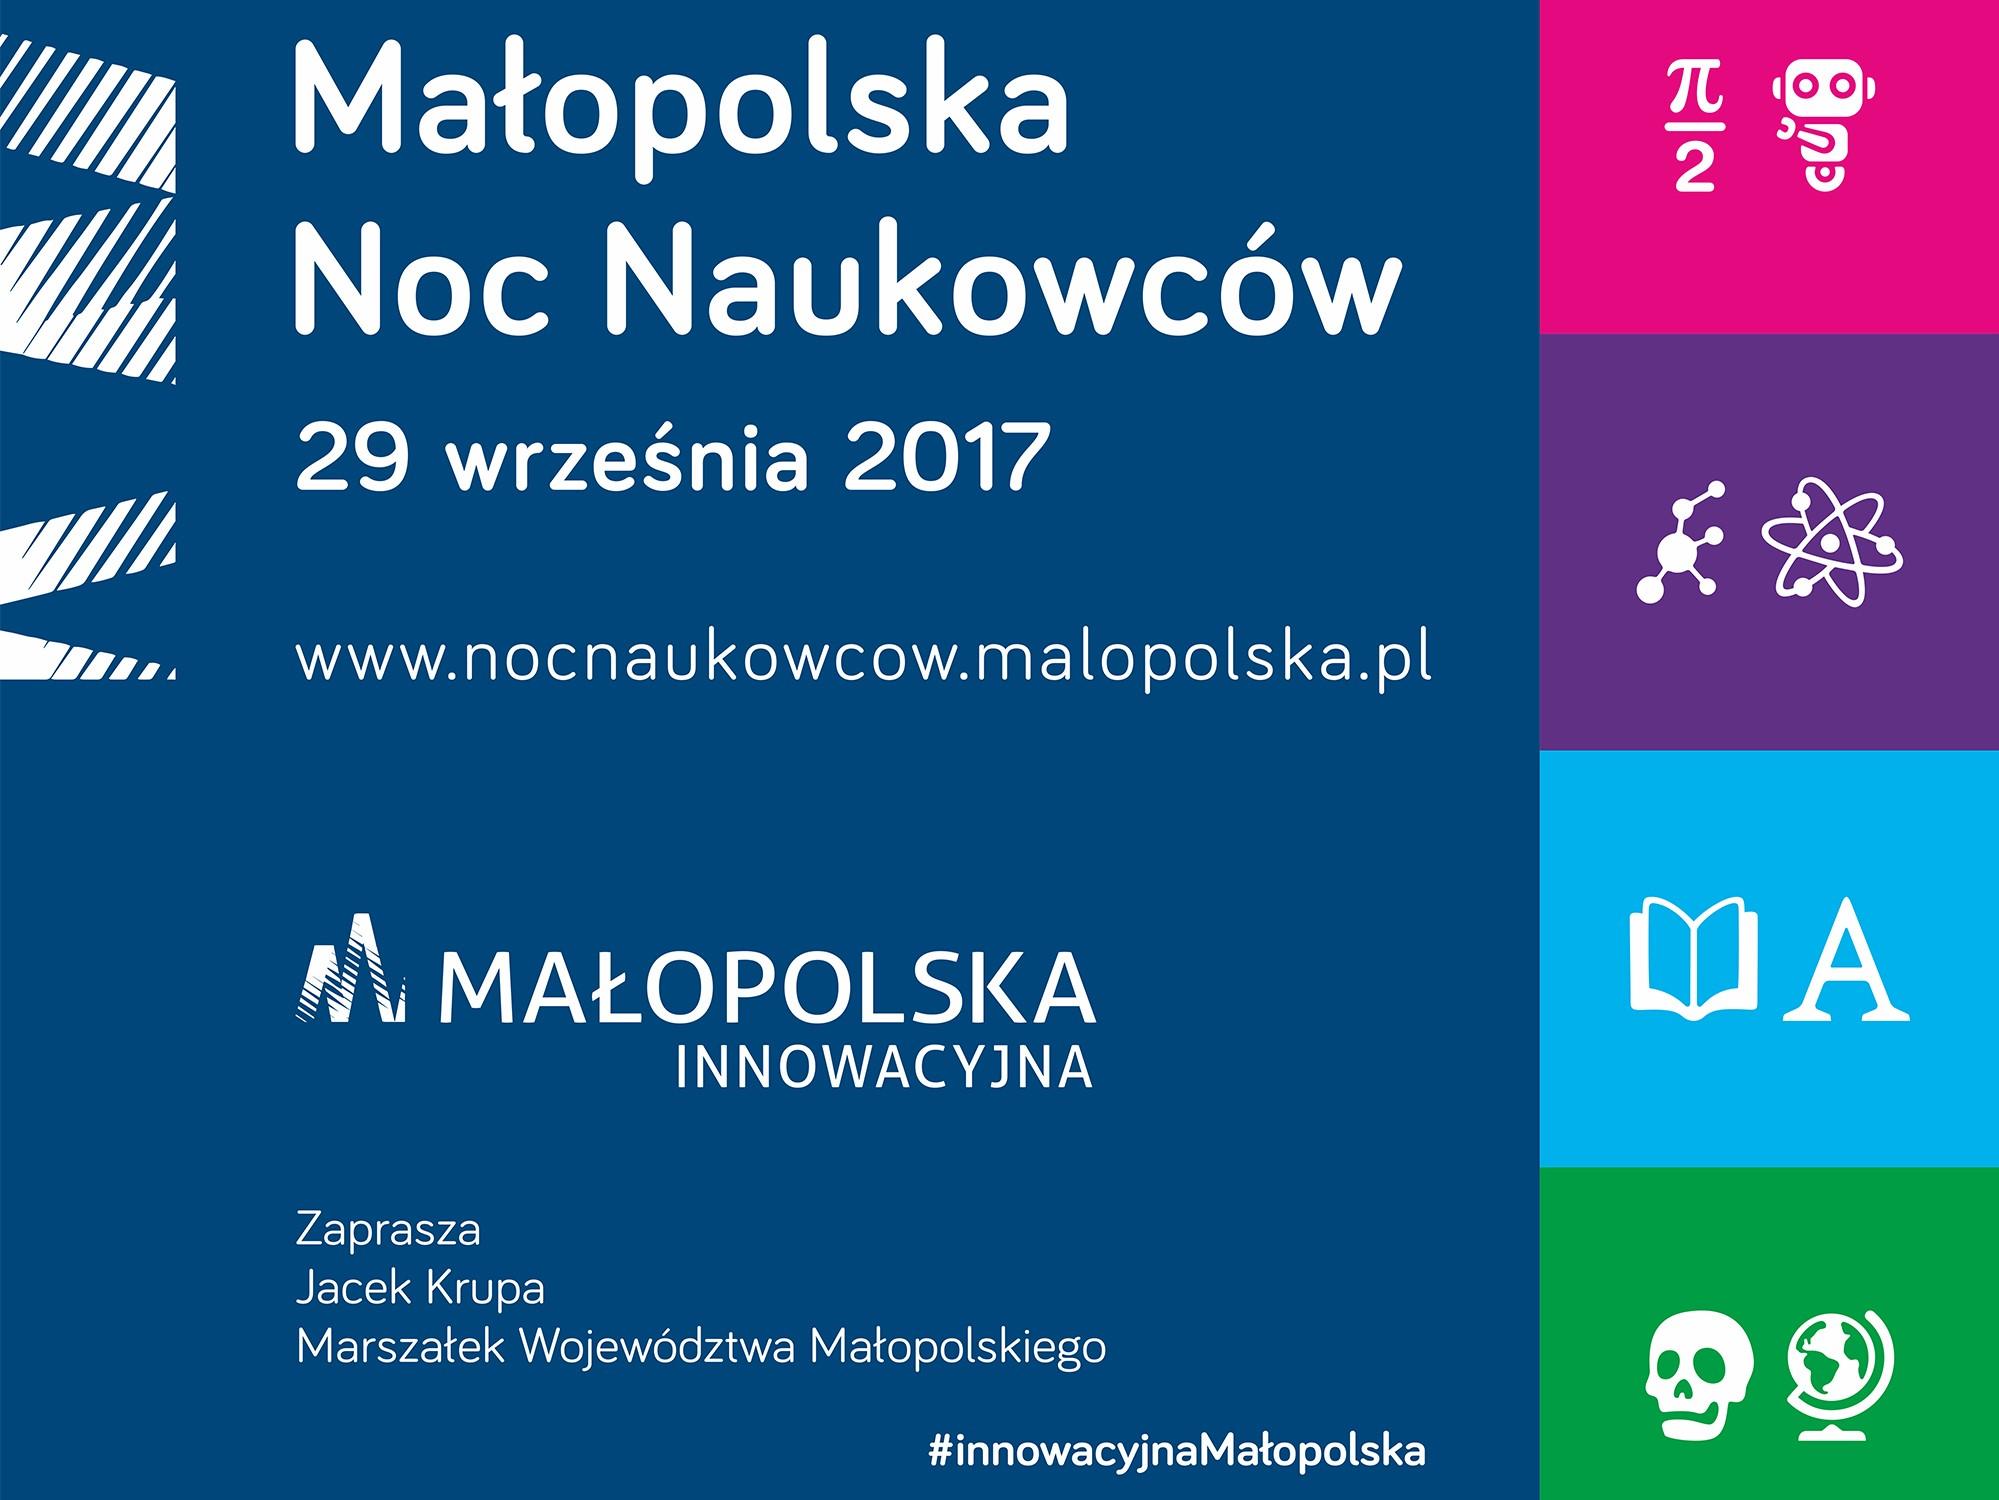 KreaTechpartneremNoc Naukowców2017 w Krakowie!